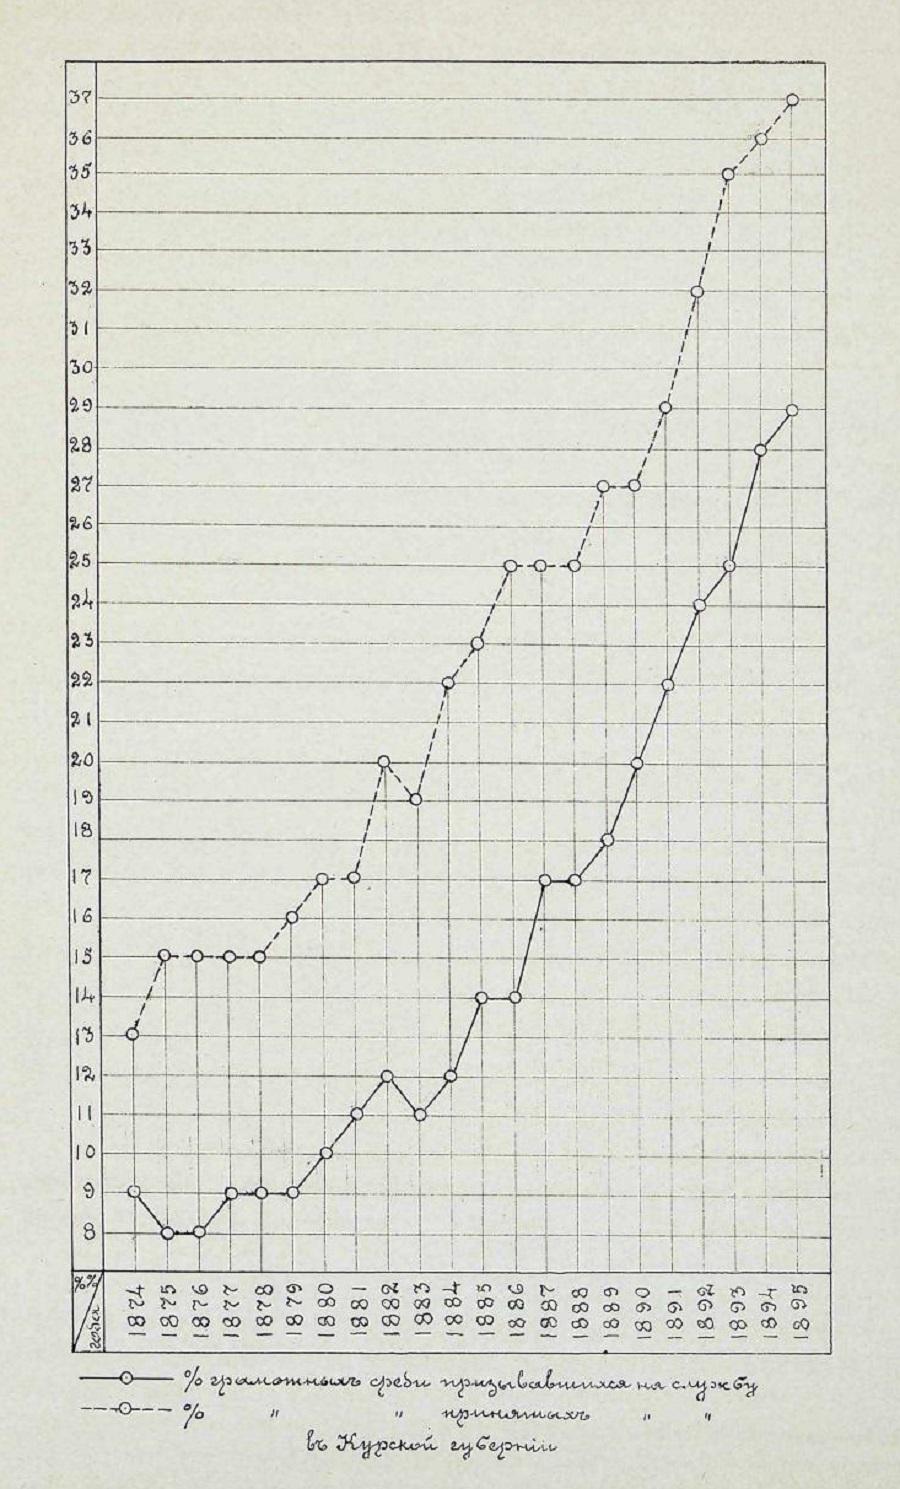 Процент грамотных призывников 1874-1895